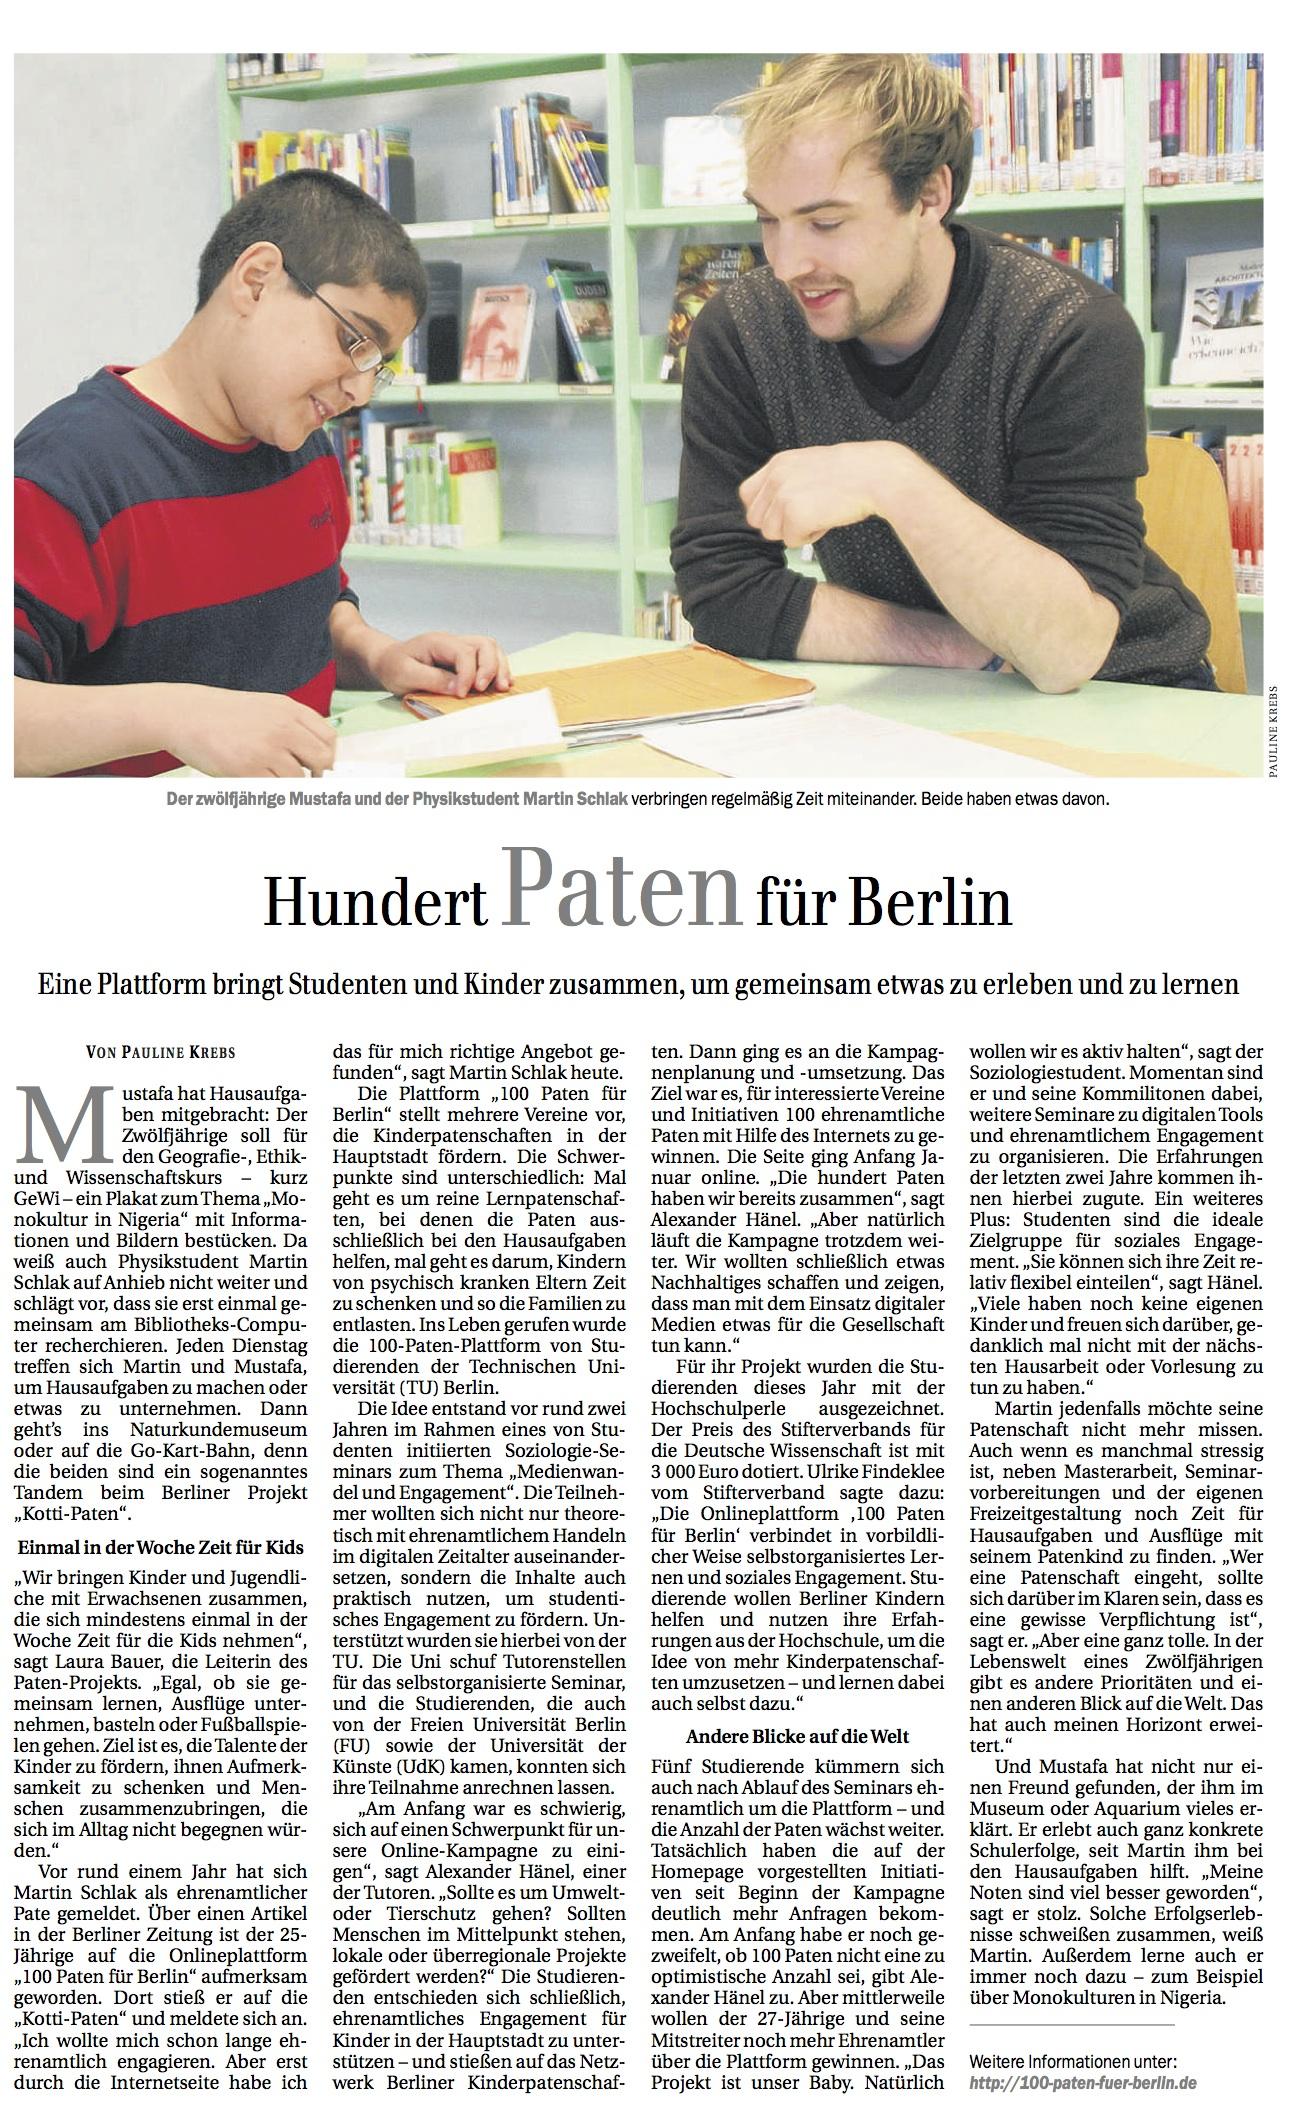 Kotti Paten Presse Berliner Zeitung April 2014